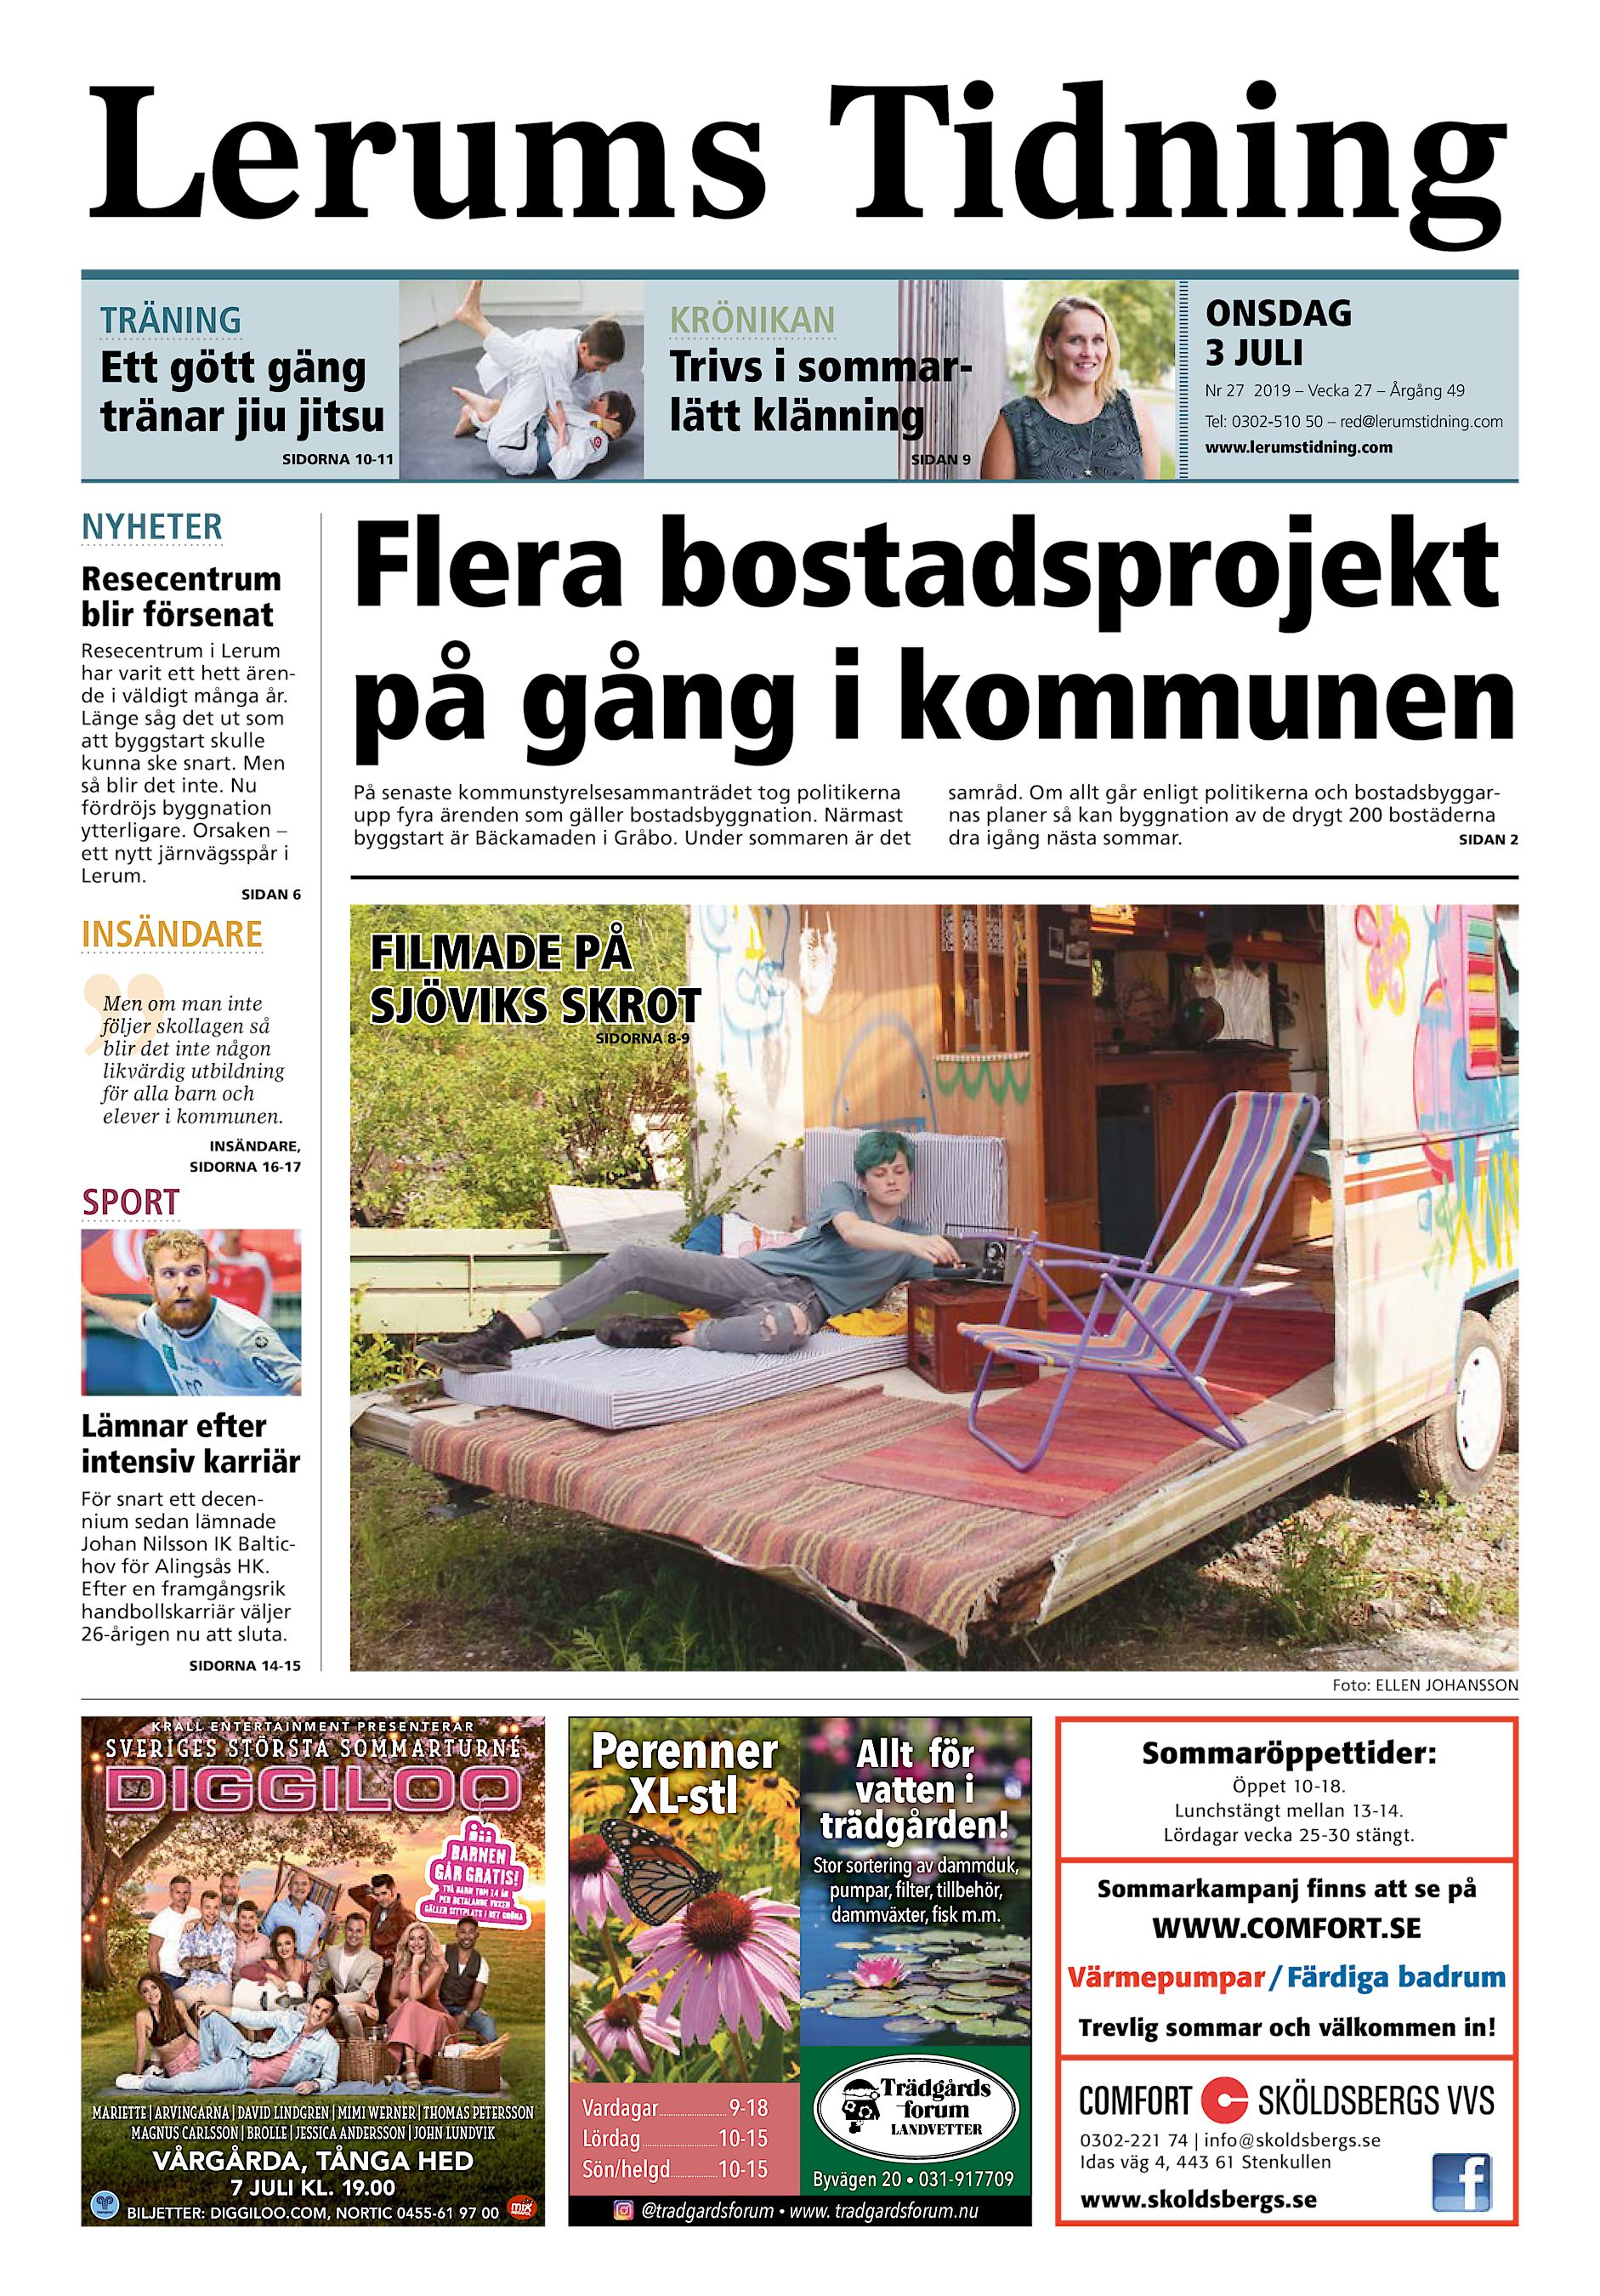 Knavravgen 4 Vstra Gtalands Ln, Stenkullen - satisfaction-survey.net